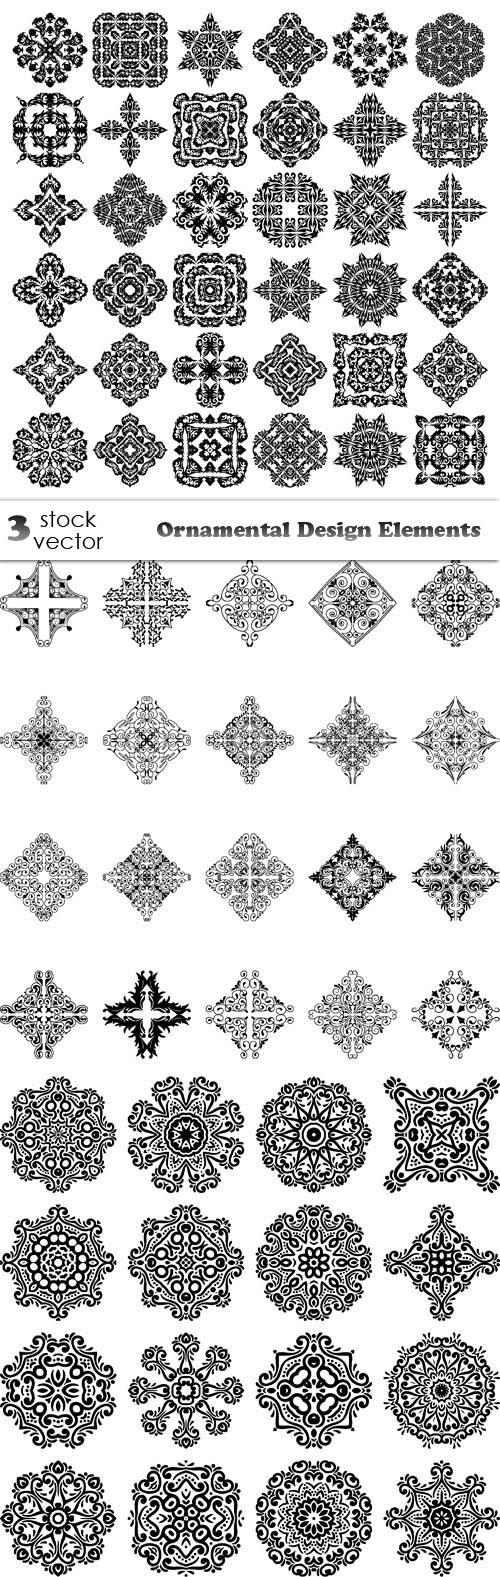 Vectors - Ornamental Design Elements